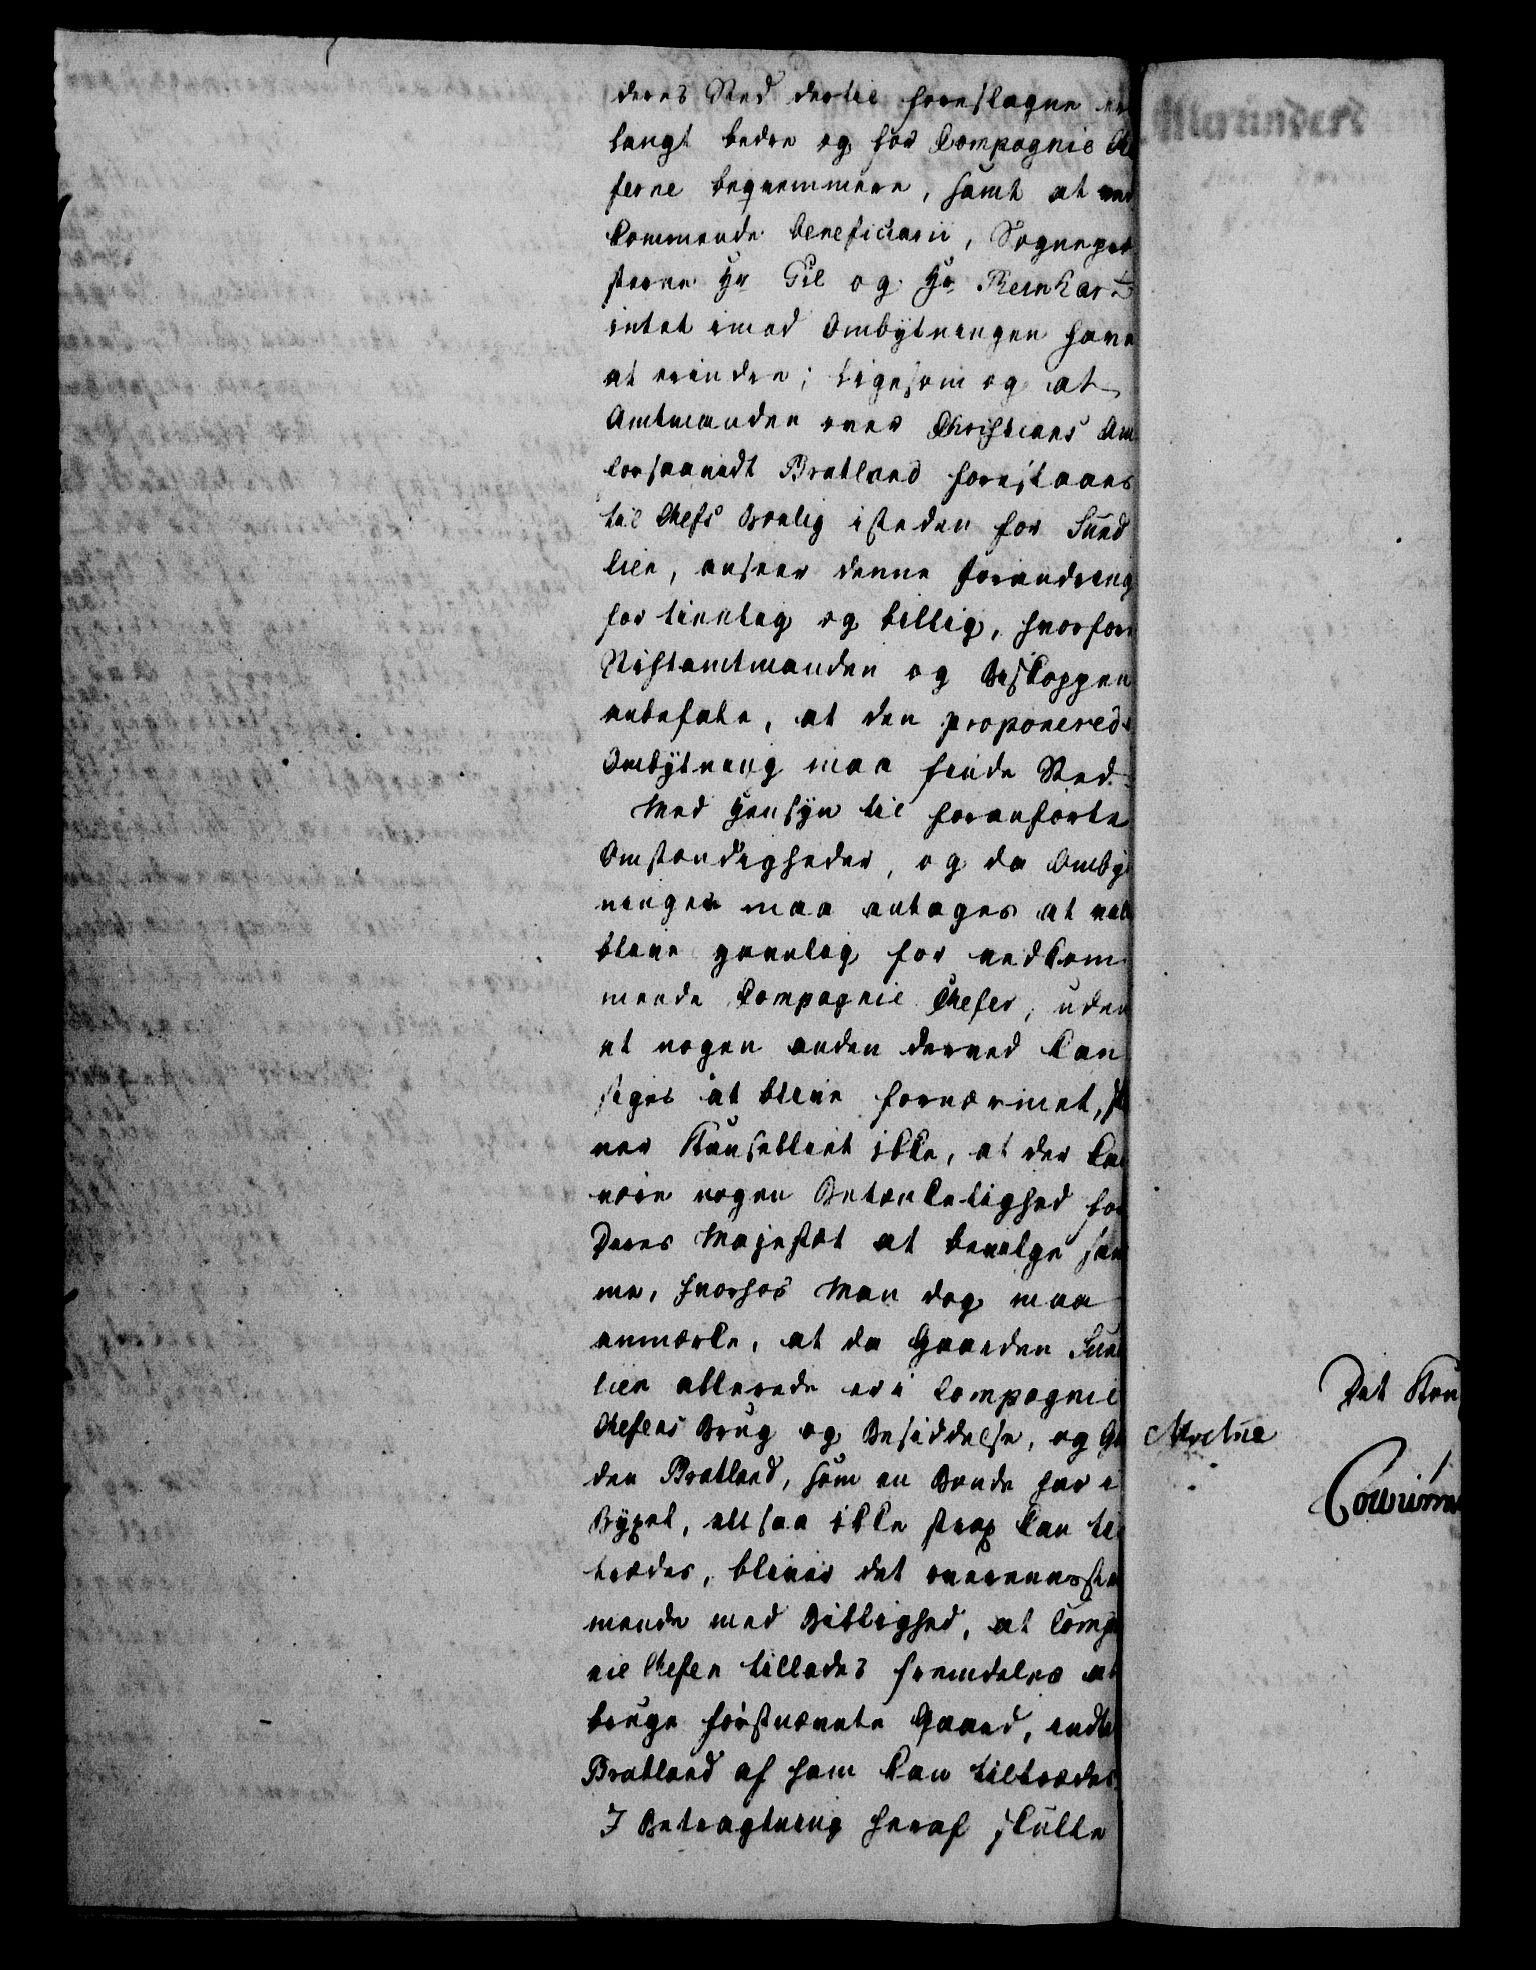 RA, Danske Kanselli 1800-1814, H/Hf/Hfa/Hfab/L0004: Forestillinger, 1803